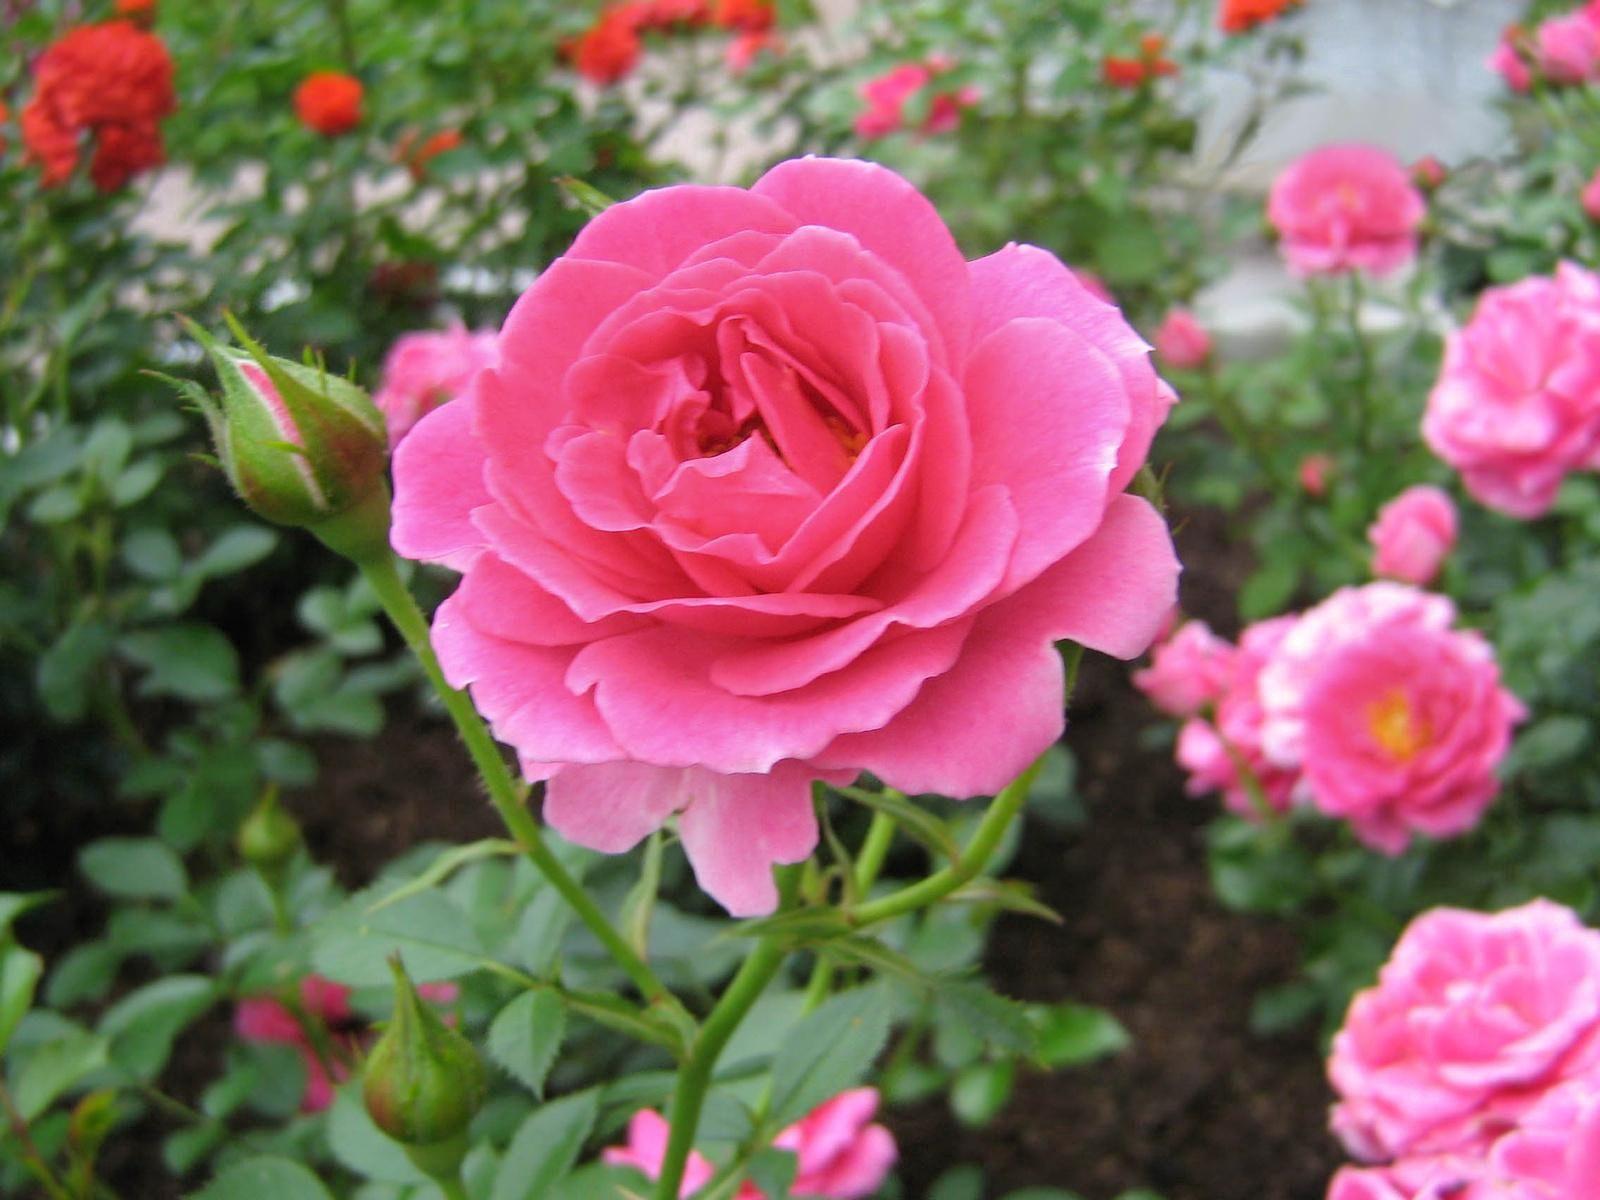 75259 обои 320x480 на телефон бесплатно, скачать картинки Розы, Цветы, Зелень, Распущенные, Сад 320x480 на мобильный